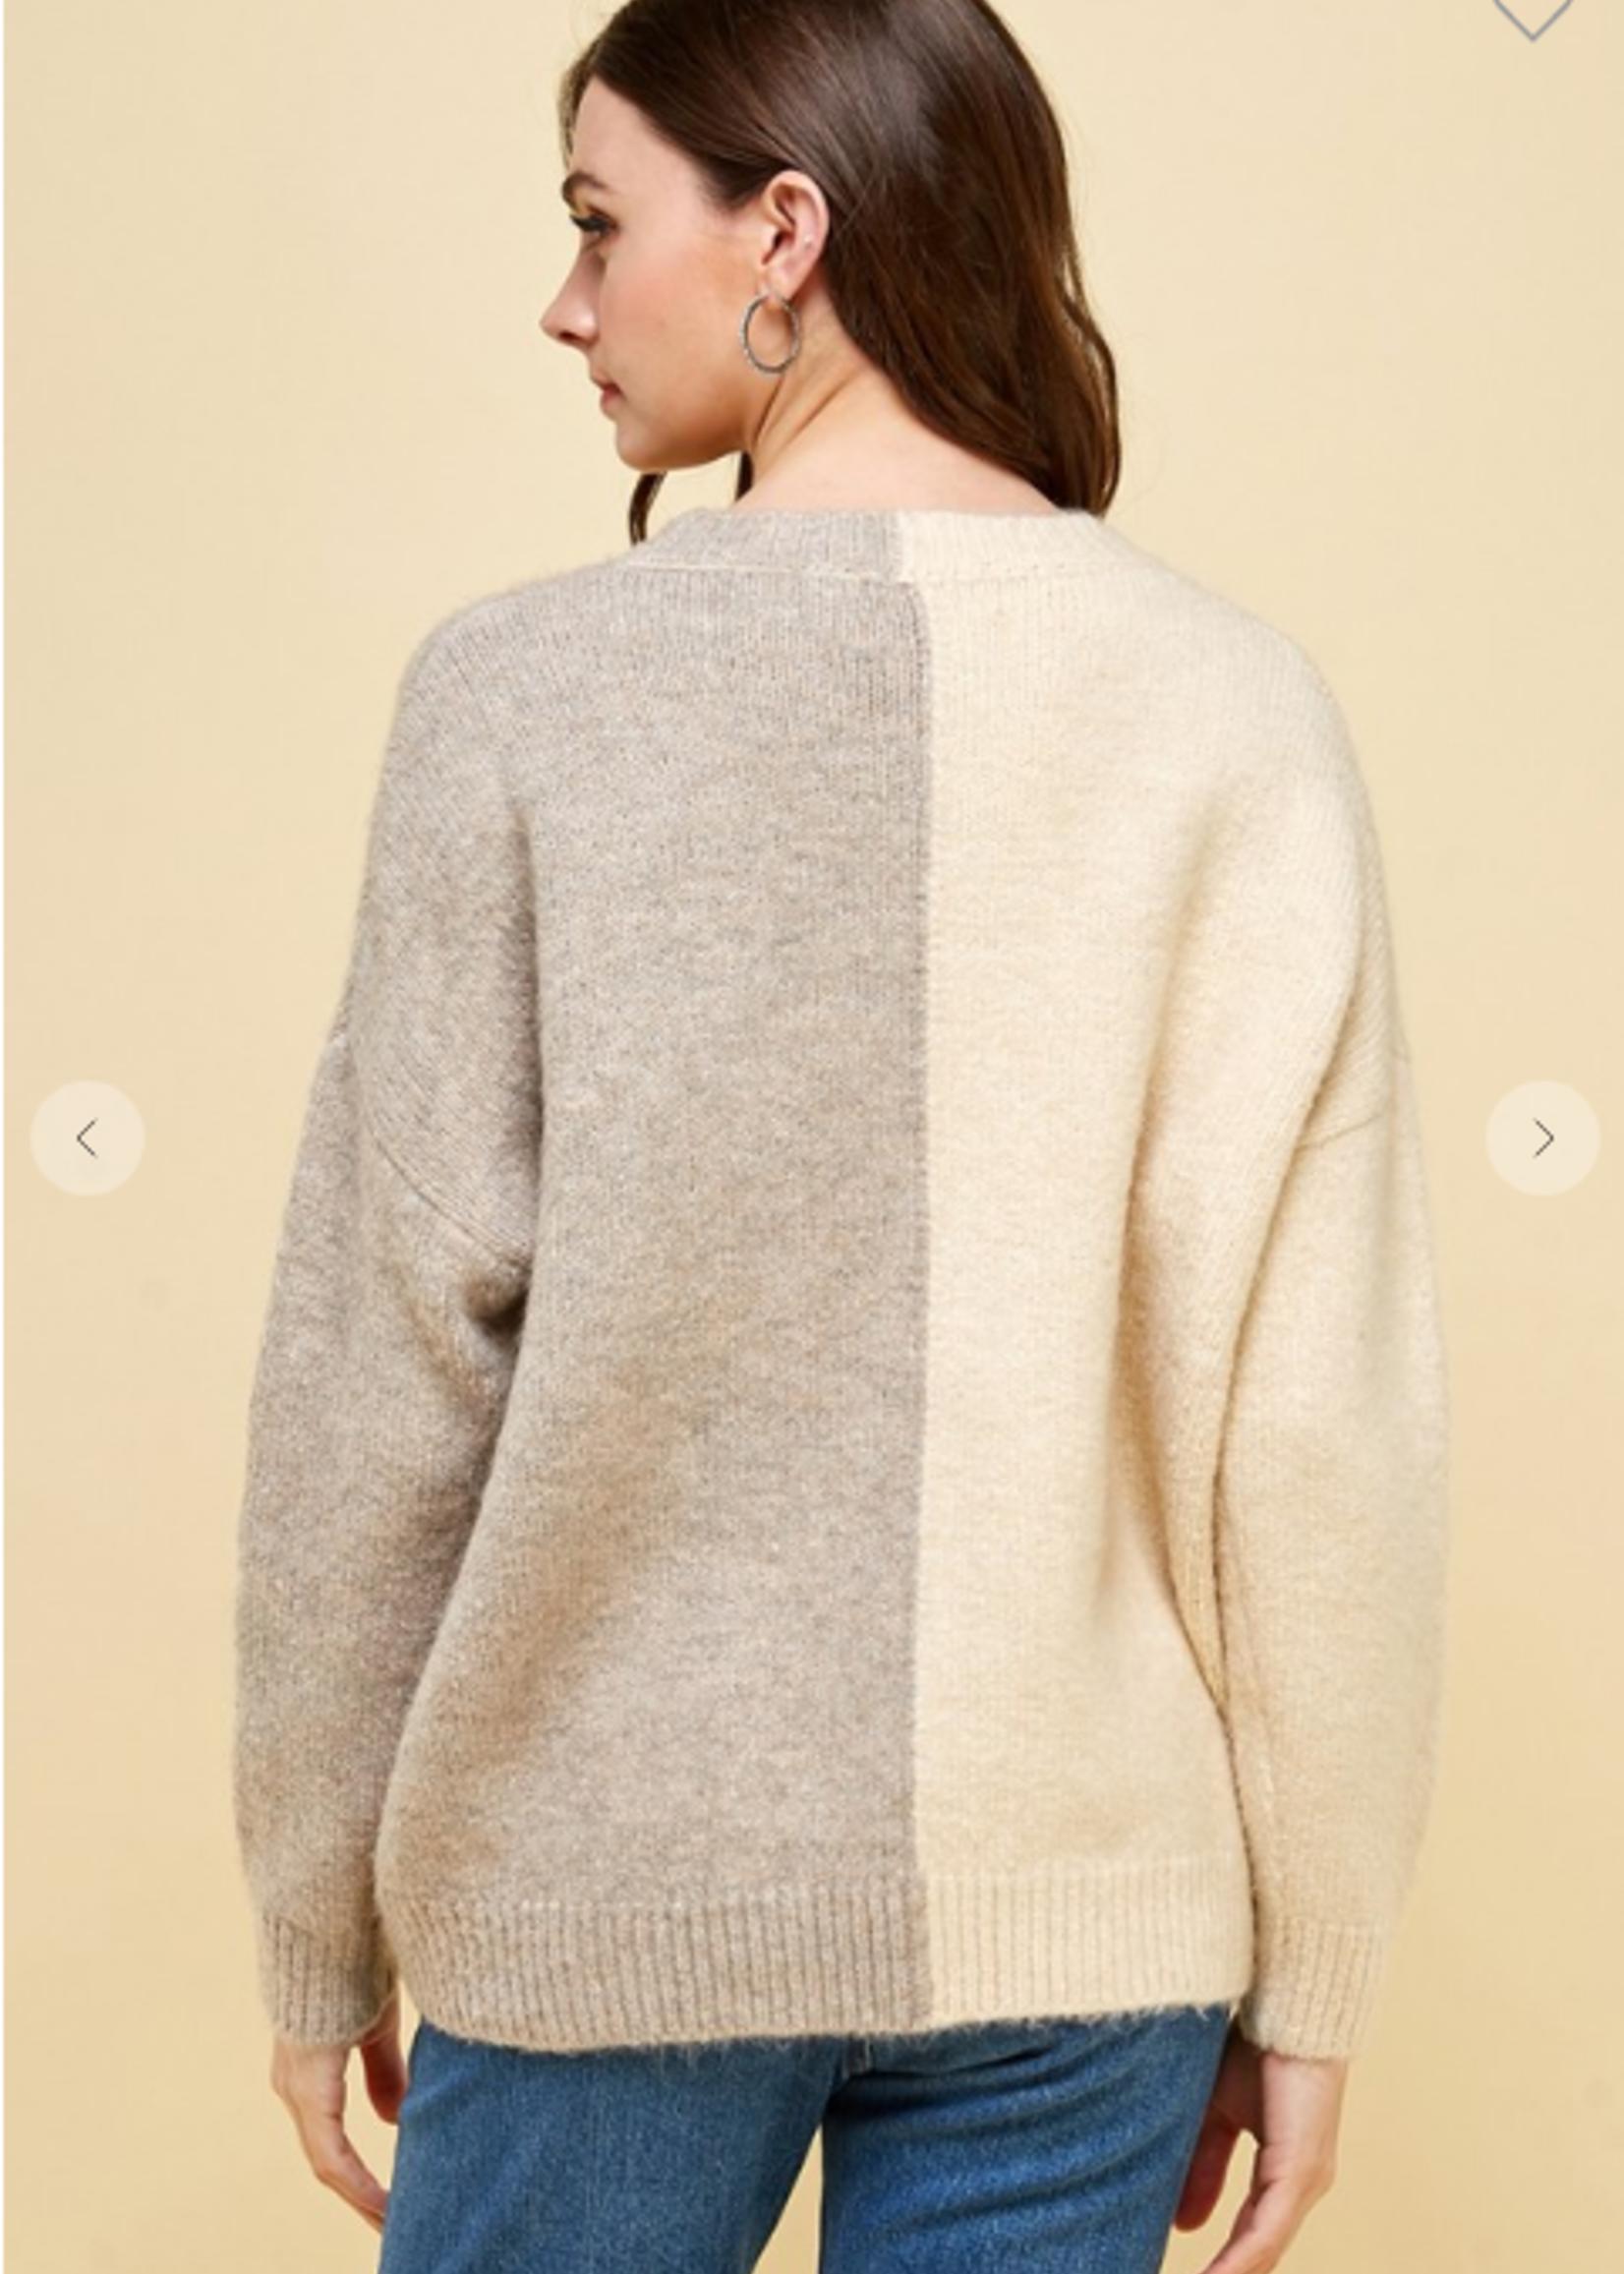 Colorblock Sweater - Beige Multi